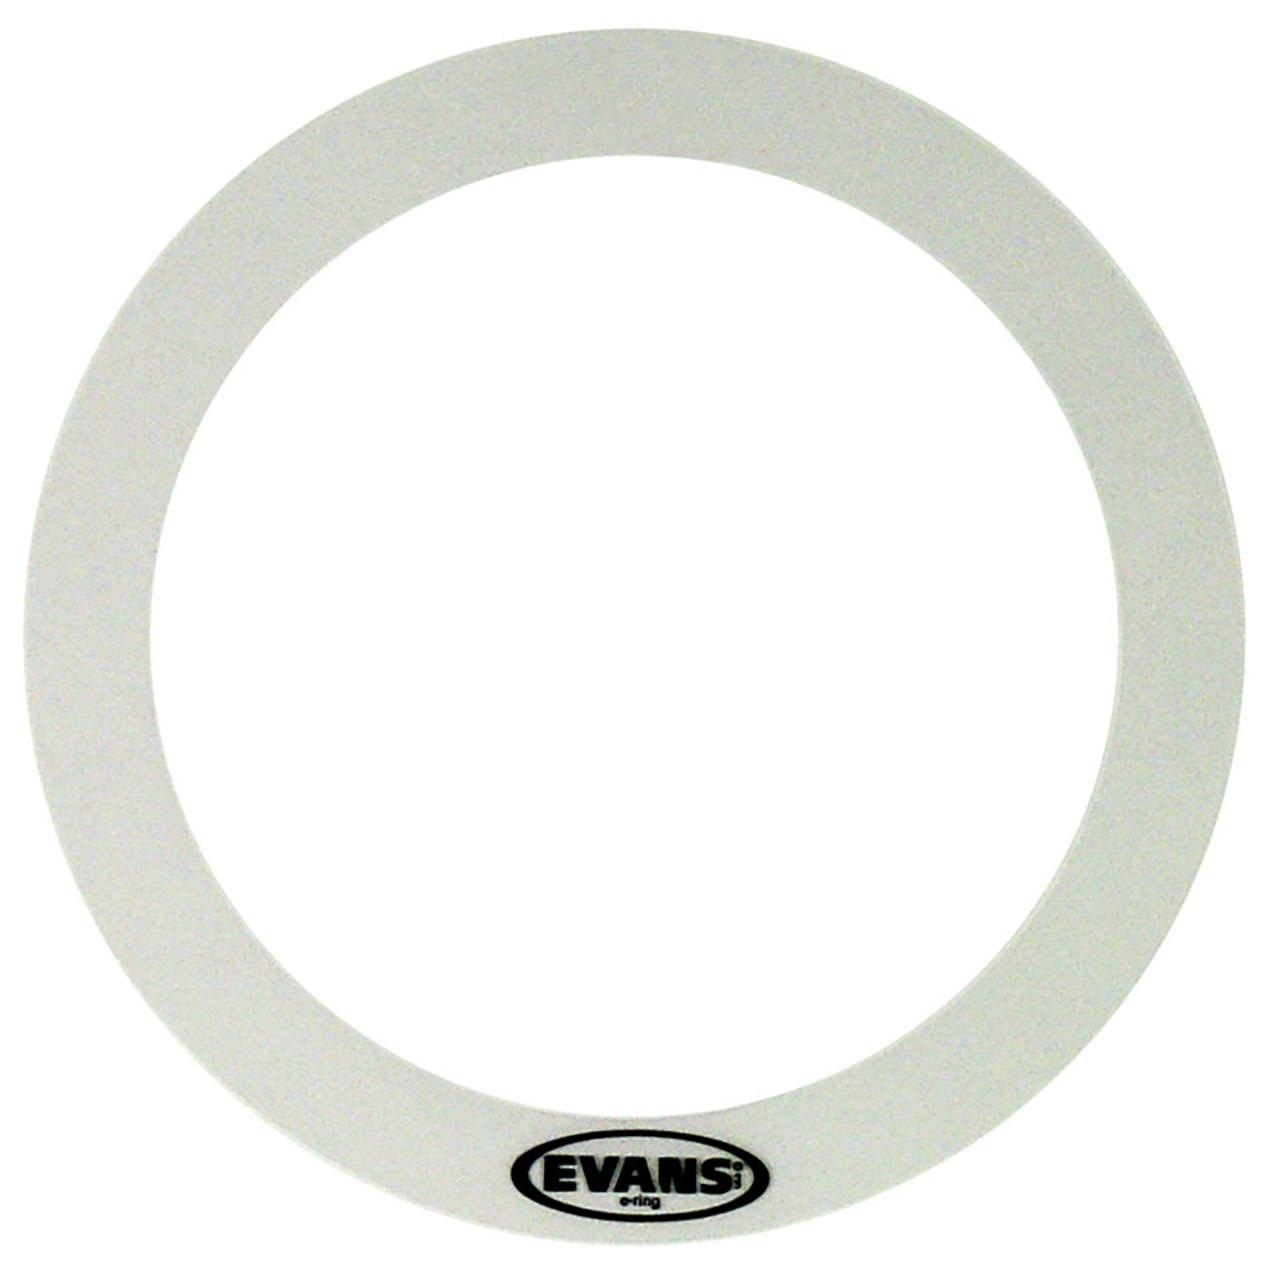 قیمت                      ای رینگ ایونز مدل E10ER1 مناسب برای طبل 10 اینچی              ⭐️⭐️⭐️